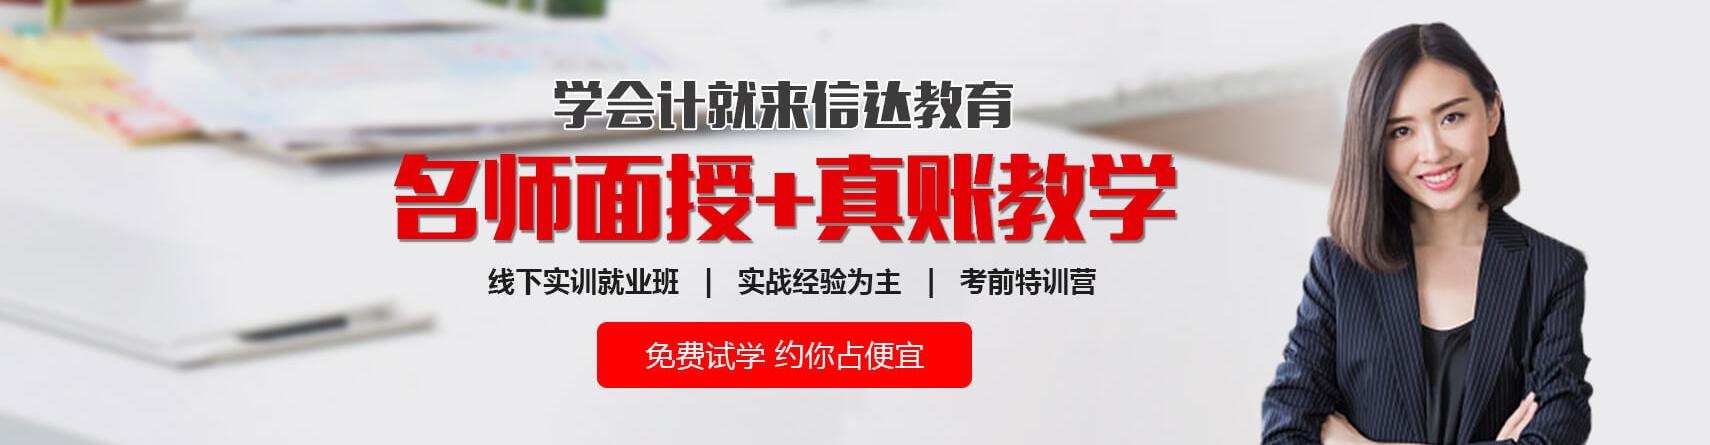 咸阳信达会计betway体育app学校 横幅广告